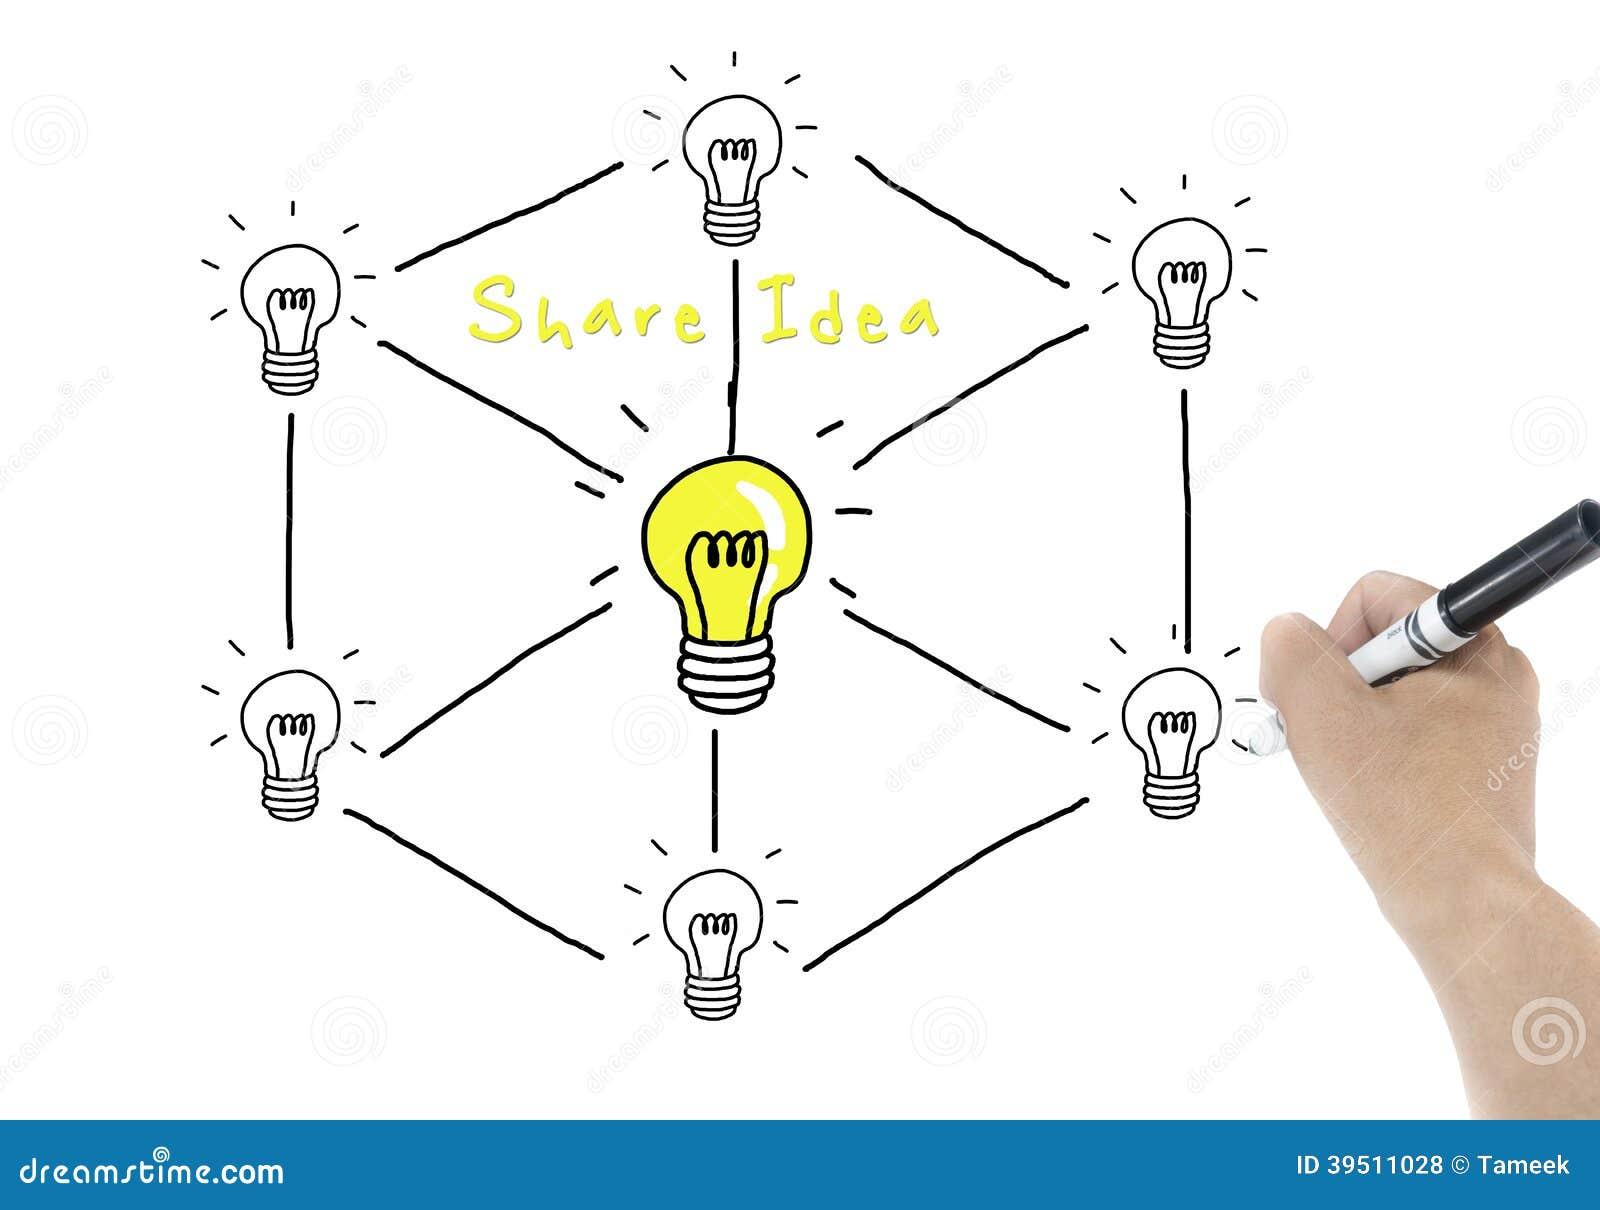 Share idea concept